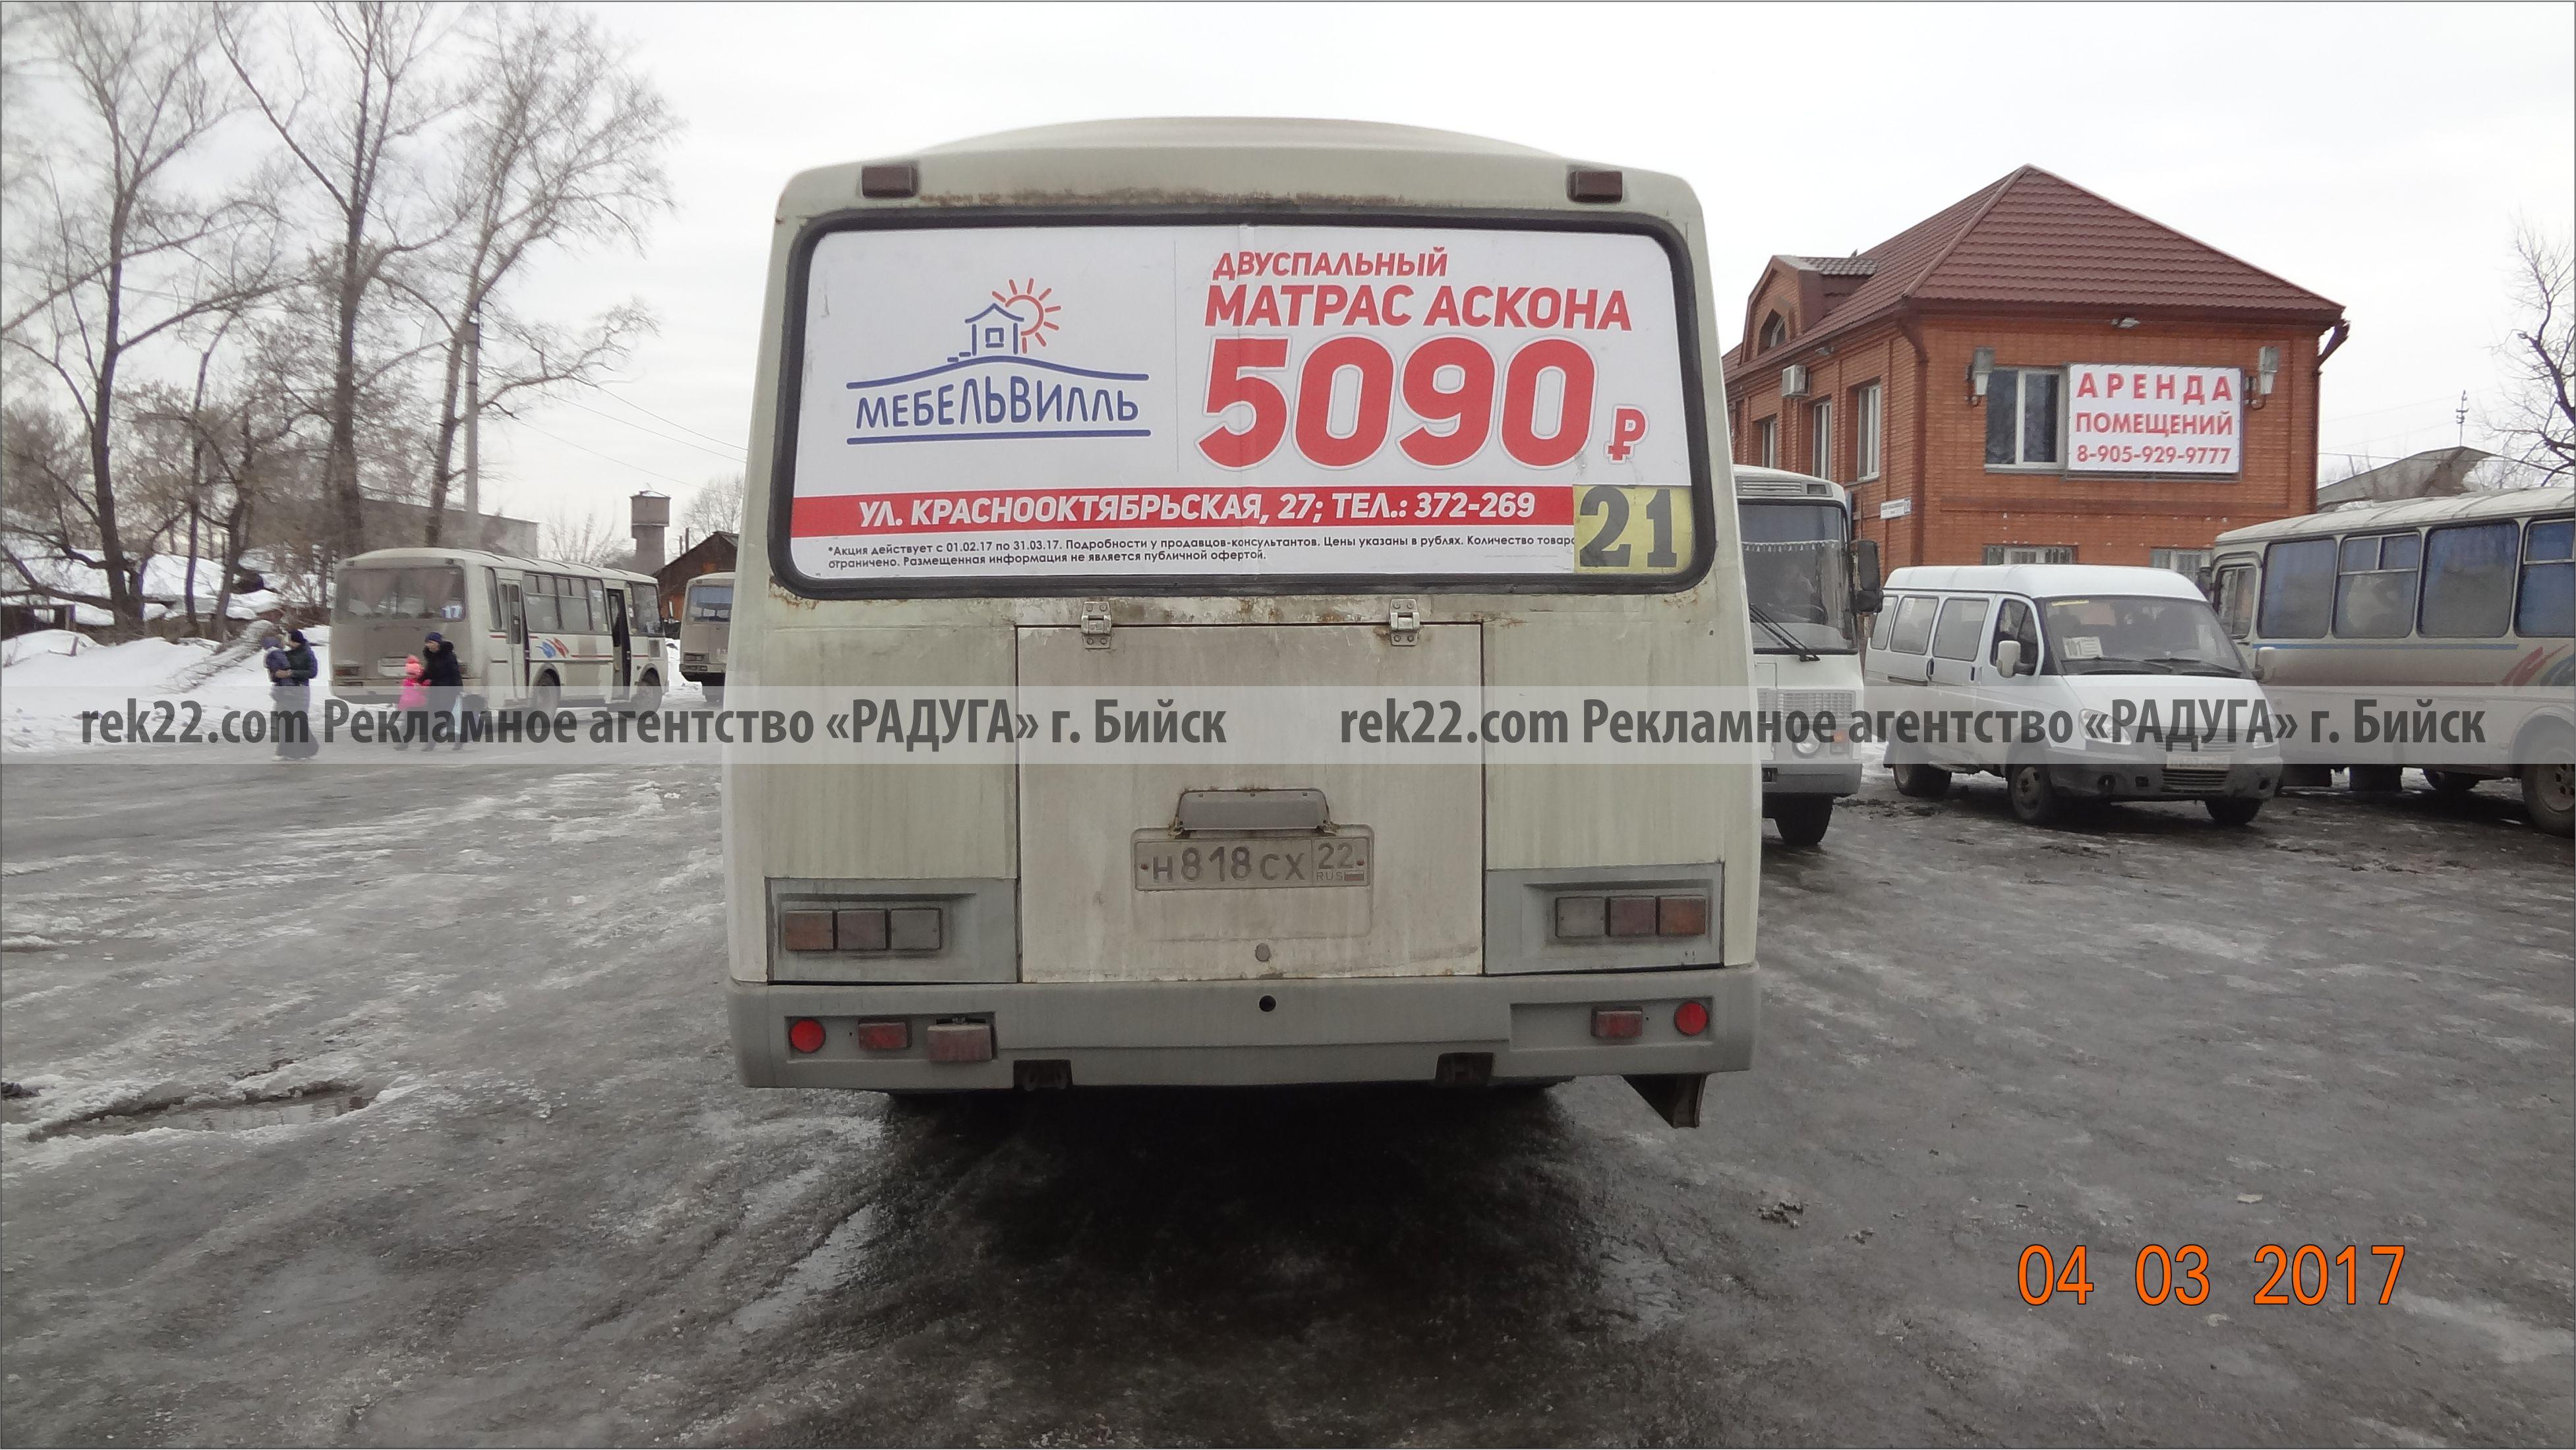 Реклама на транспорте Бийск - бортах, задних стеклах - 5